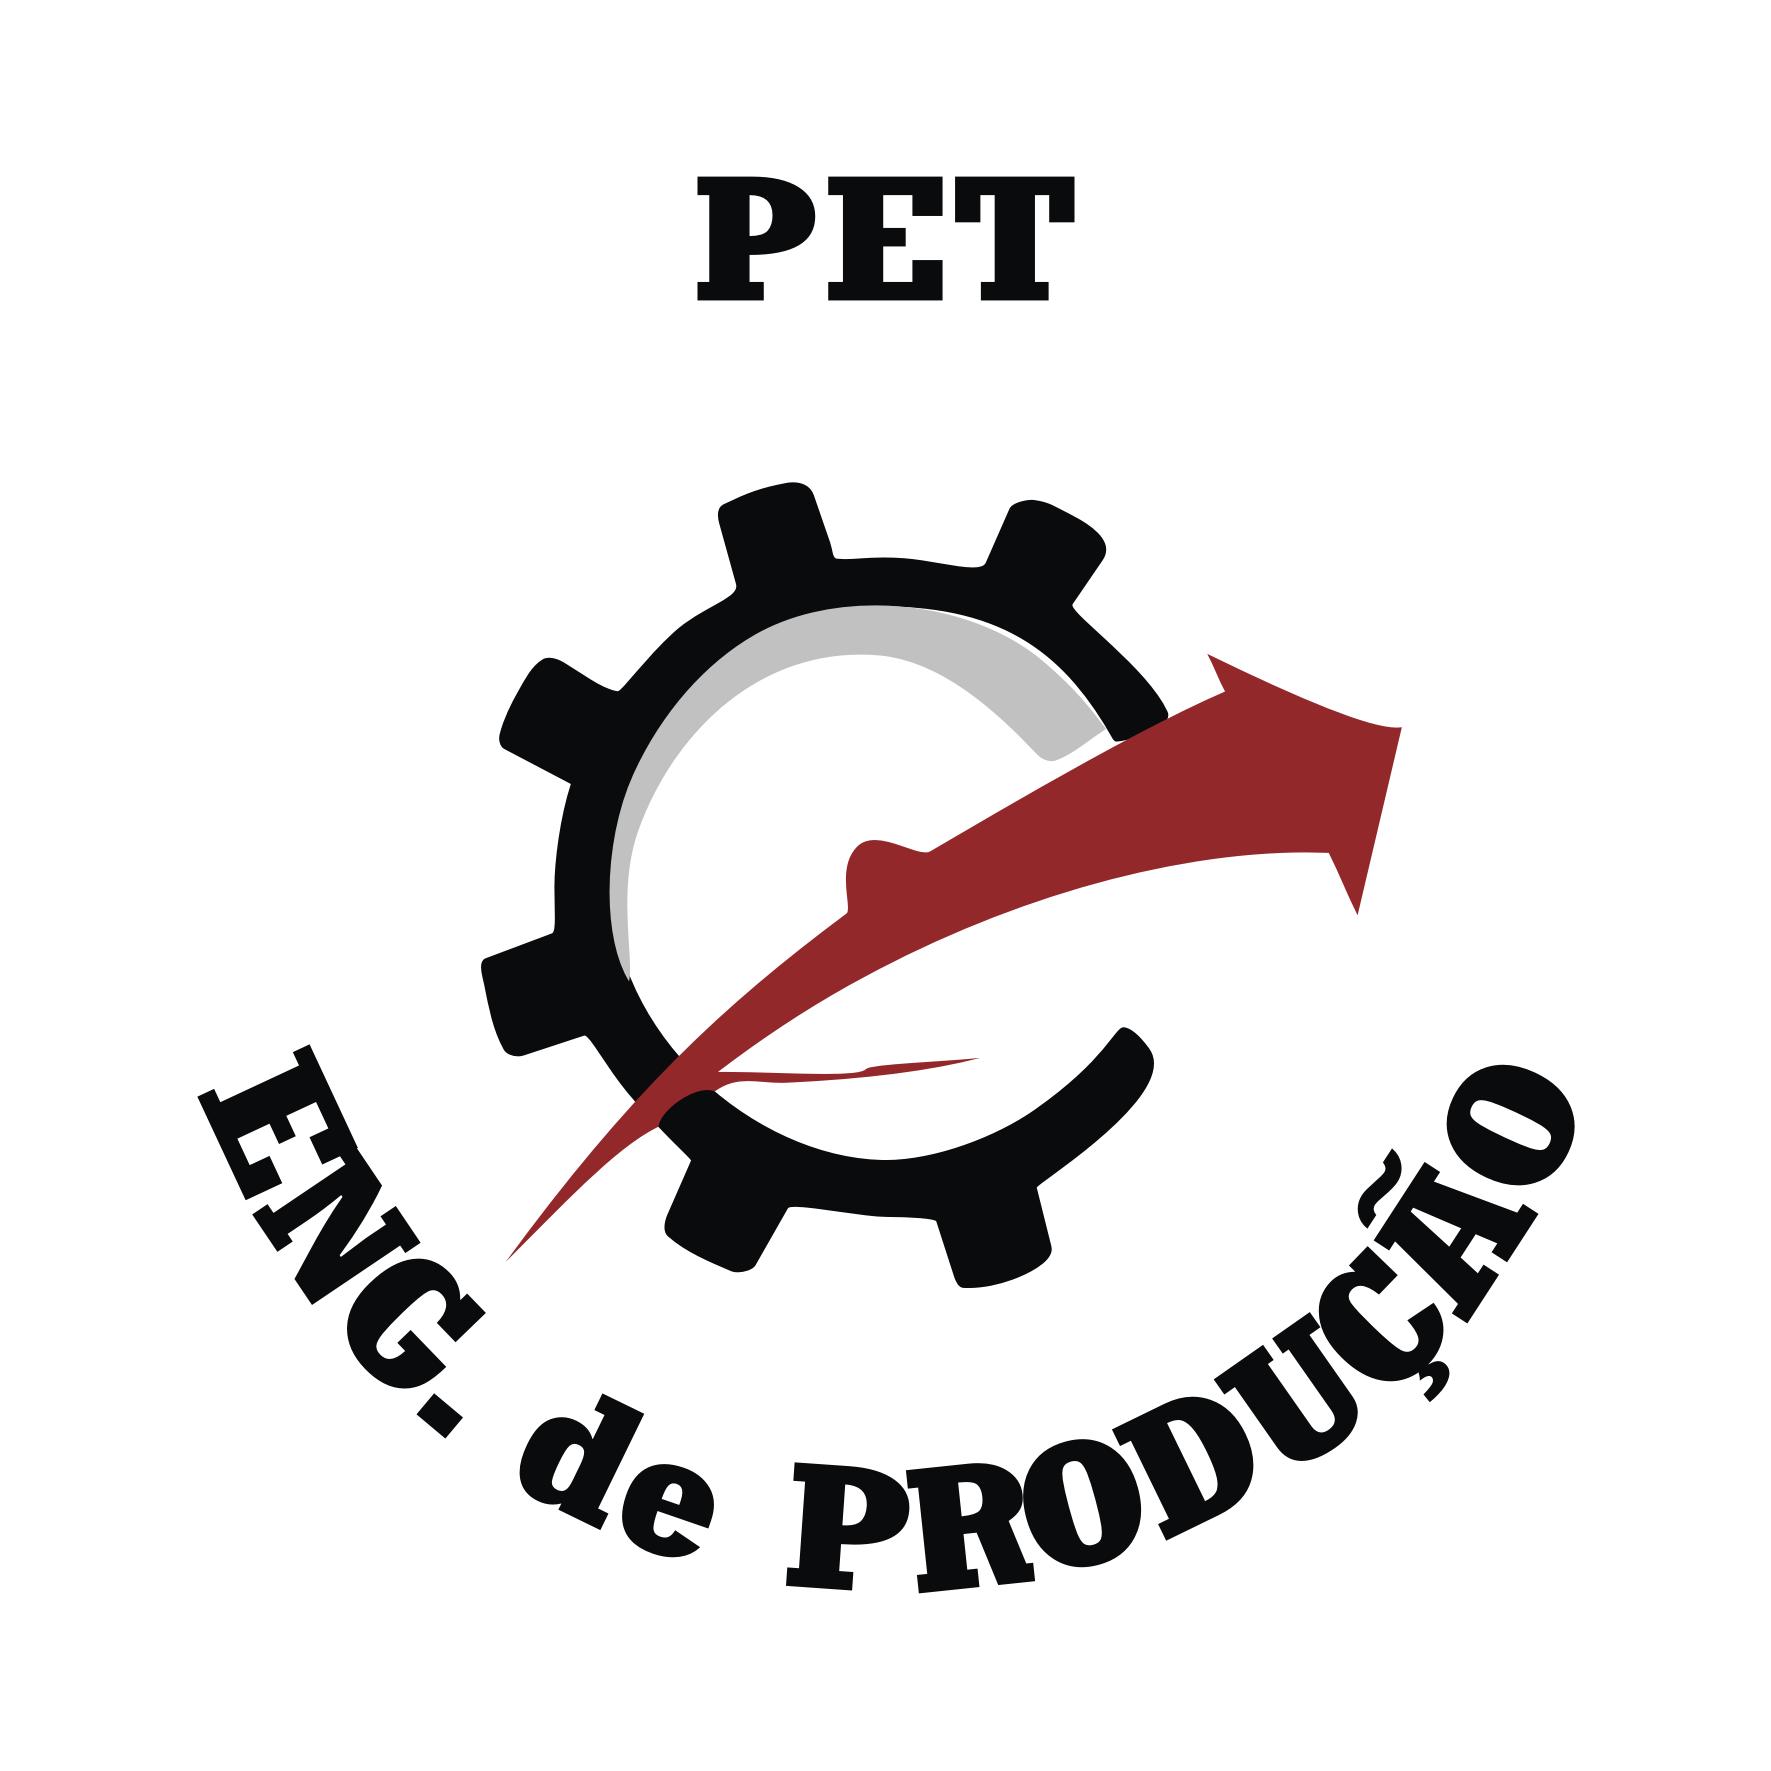 PET Engenharia de Produção - Foto Perfil - Contato